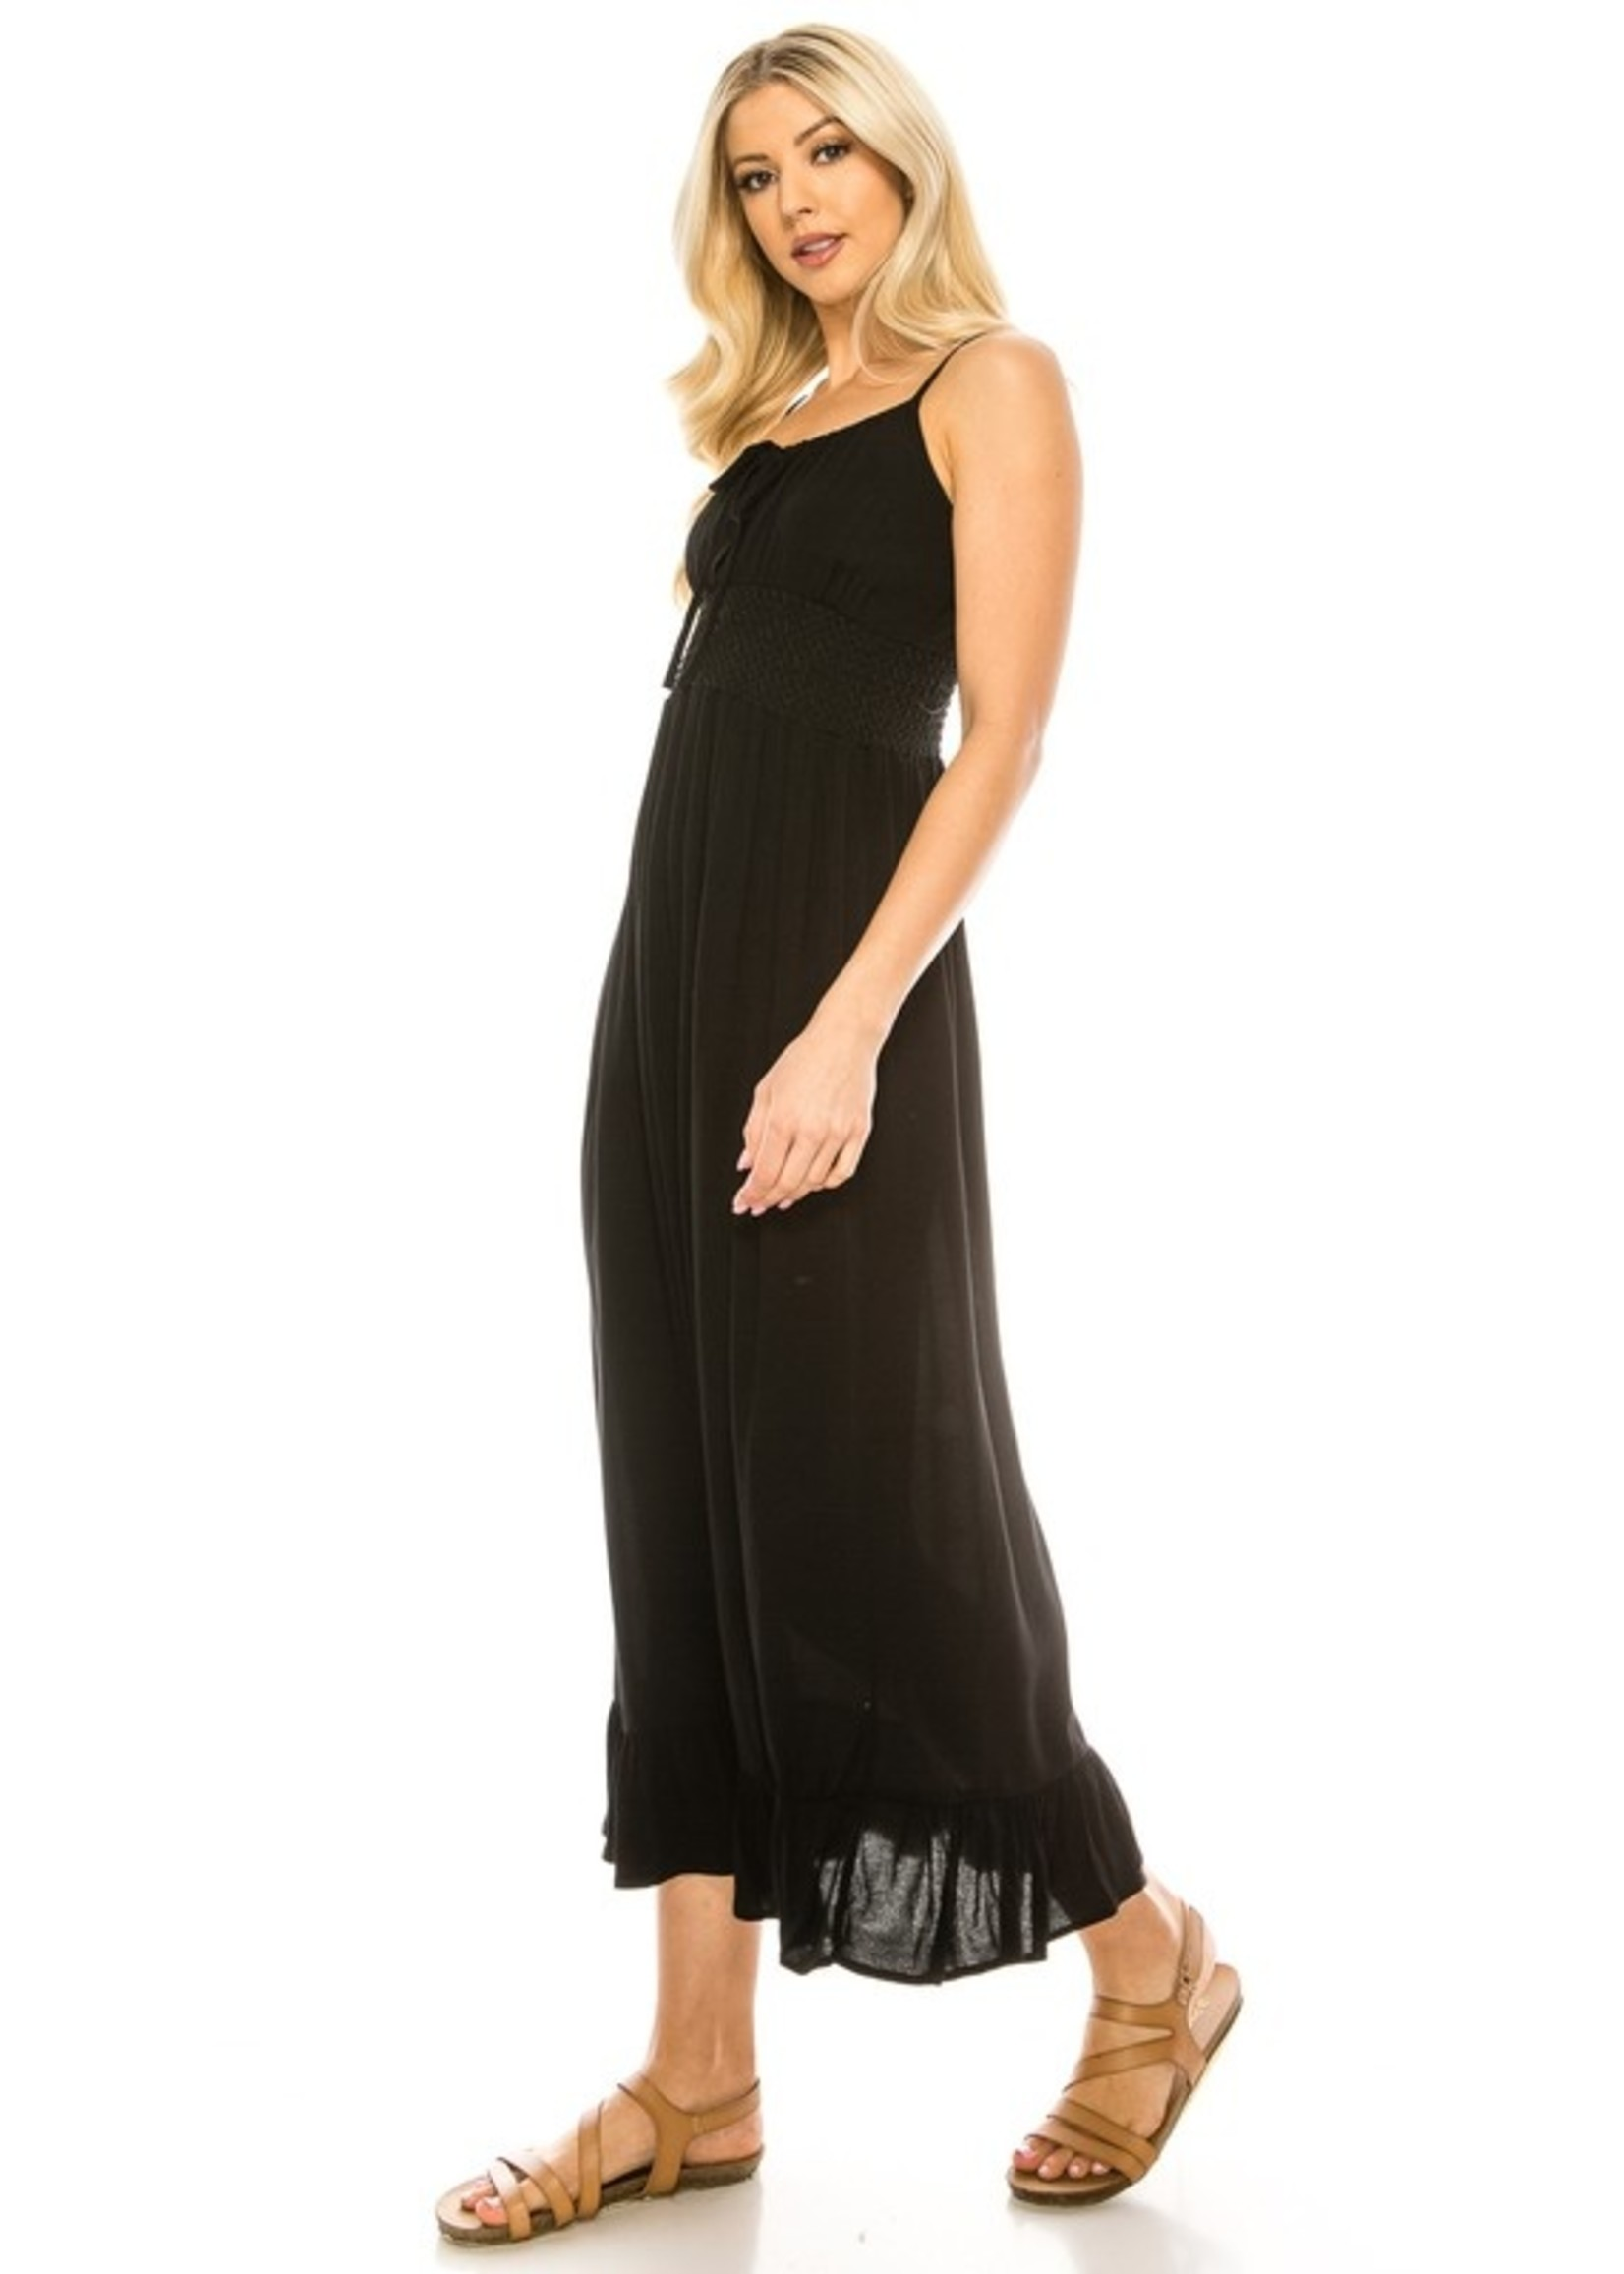 Jack & Jill Be Classic Dress Black